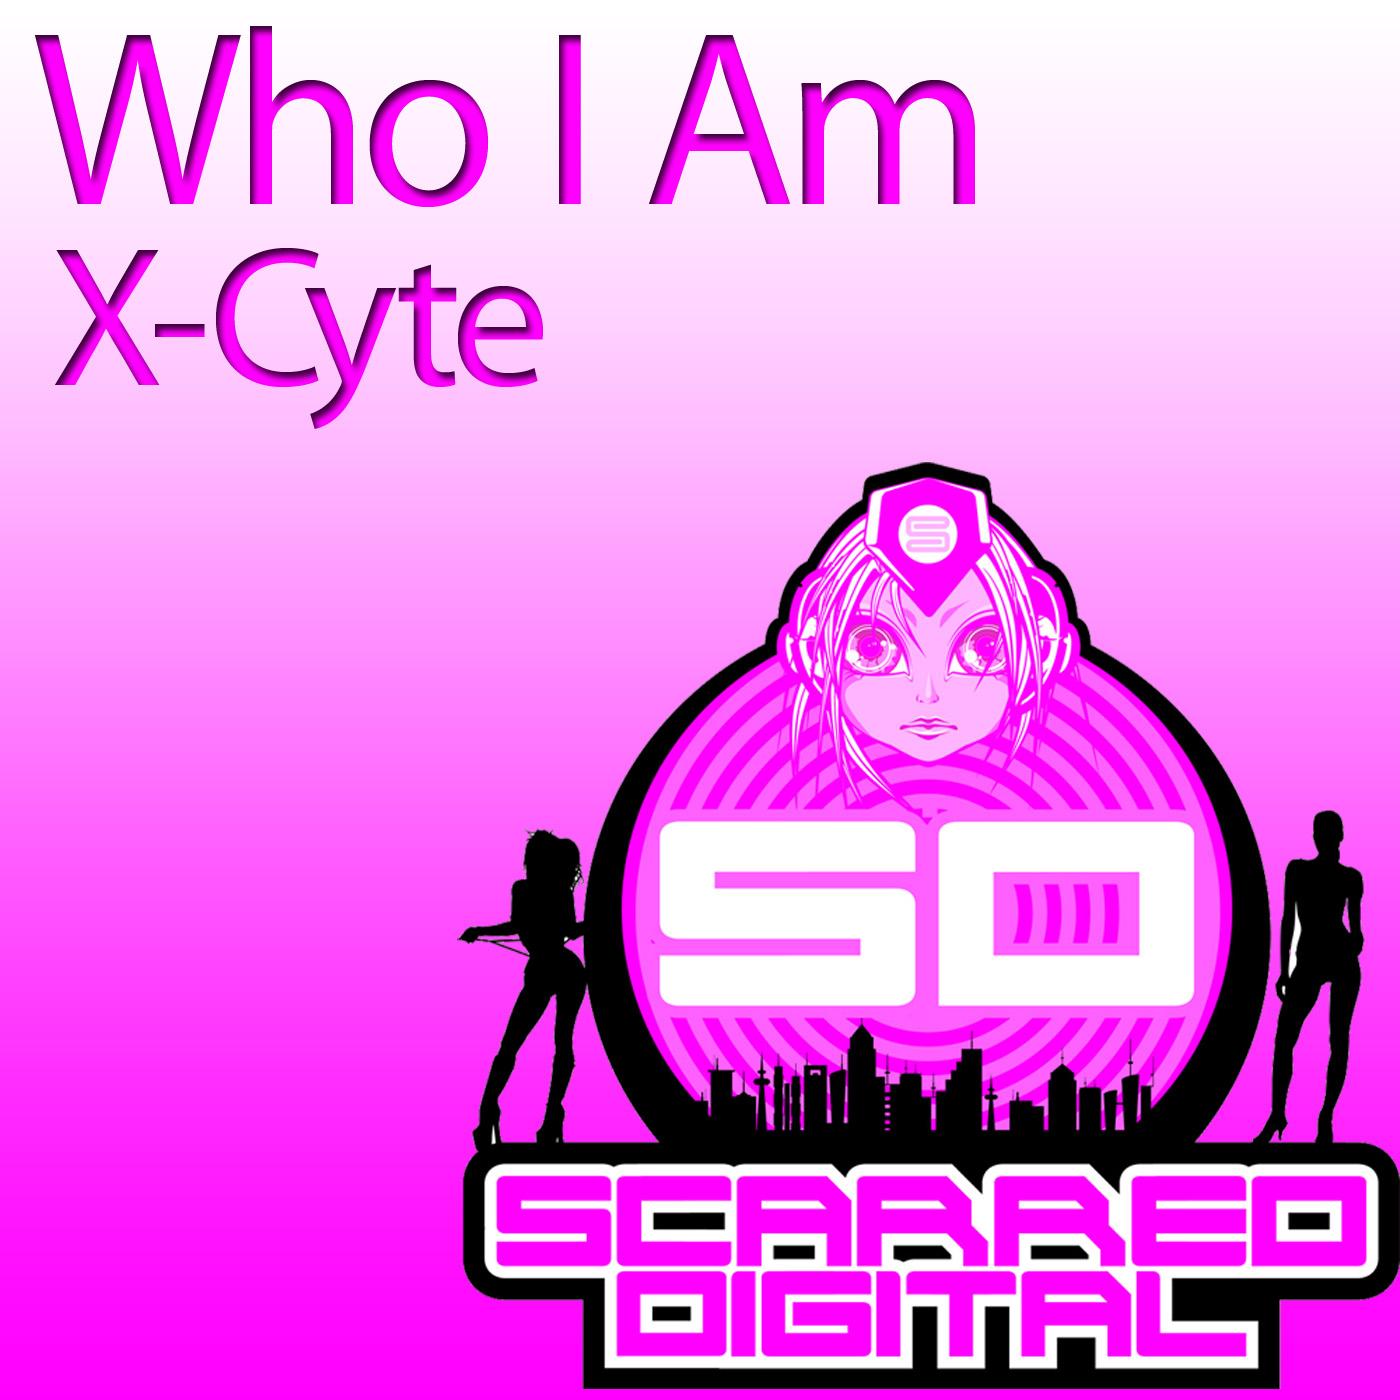 X-Cyte - Who I Am